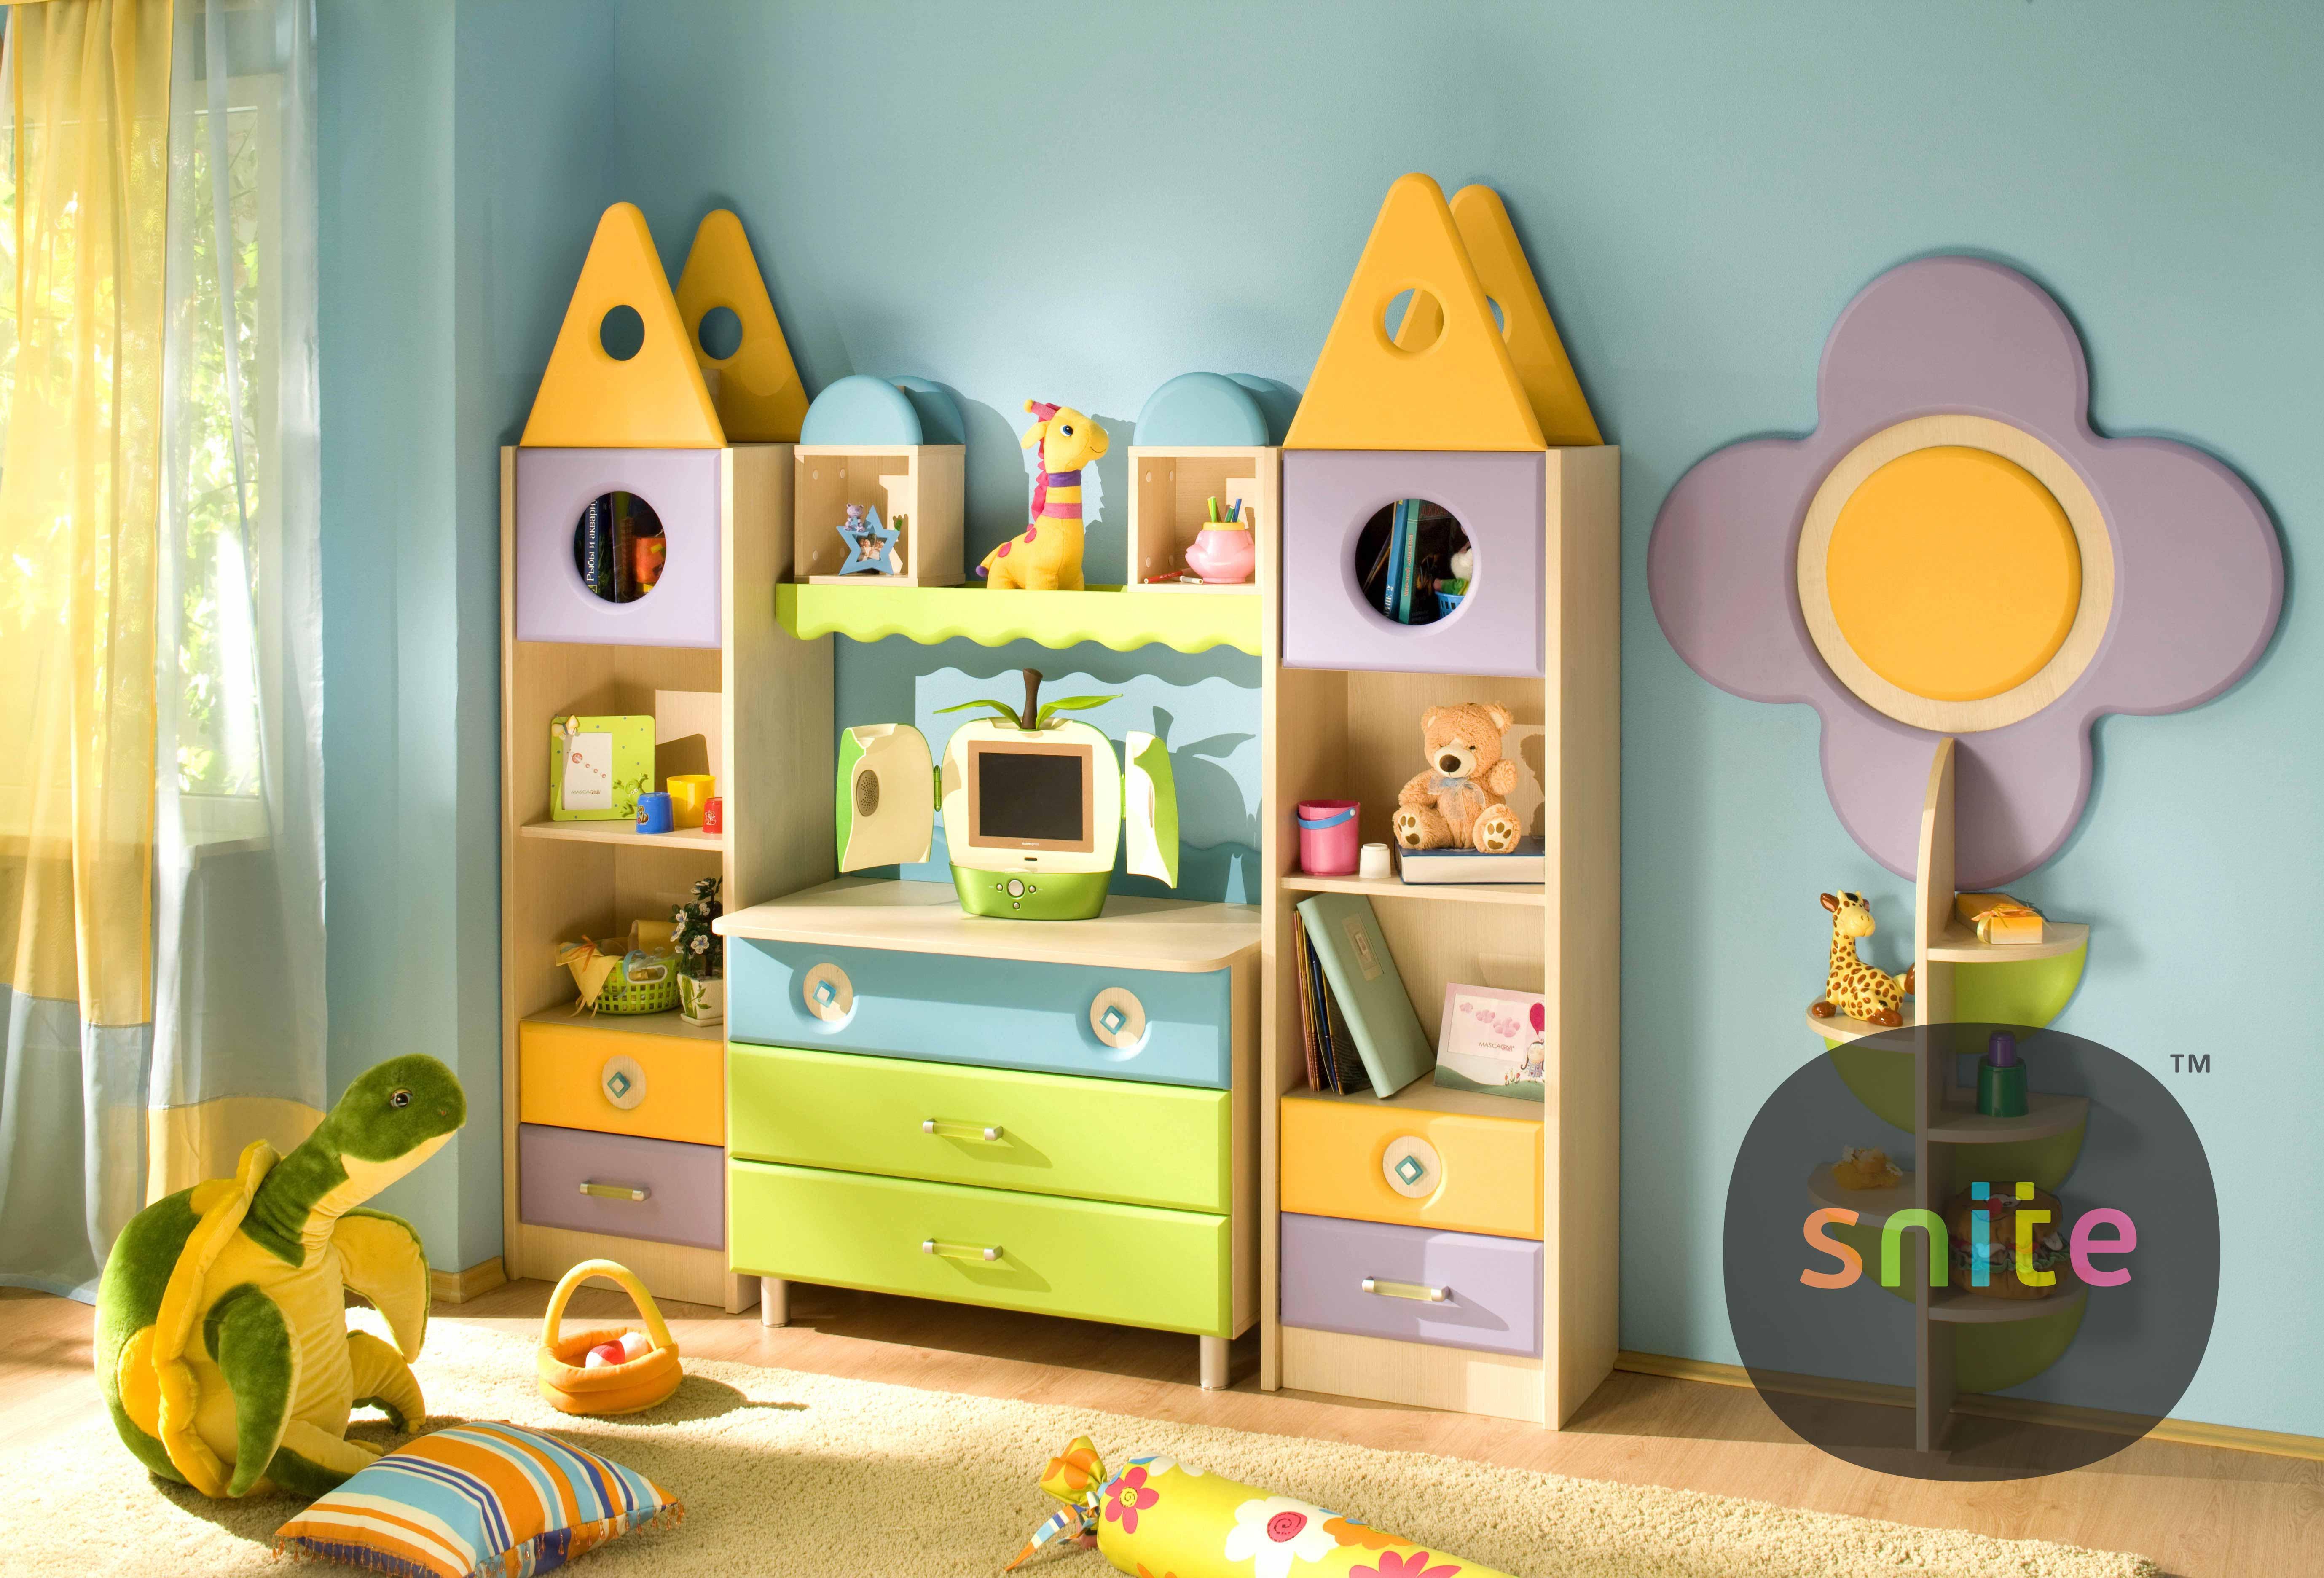 Комната, которая растет вместе с ребенком: дизайн детской.